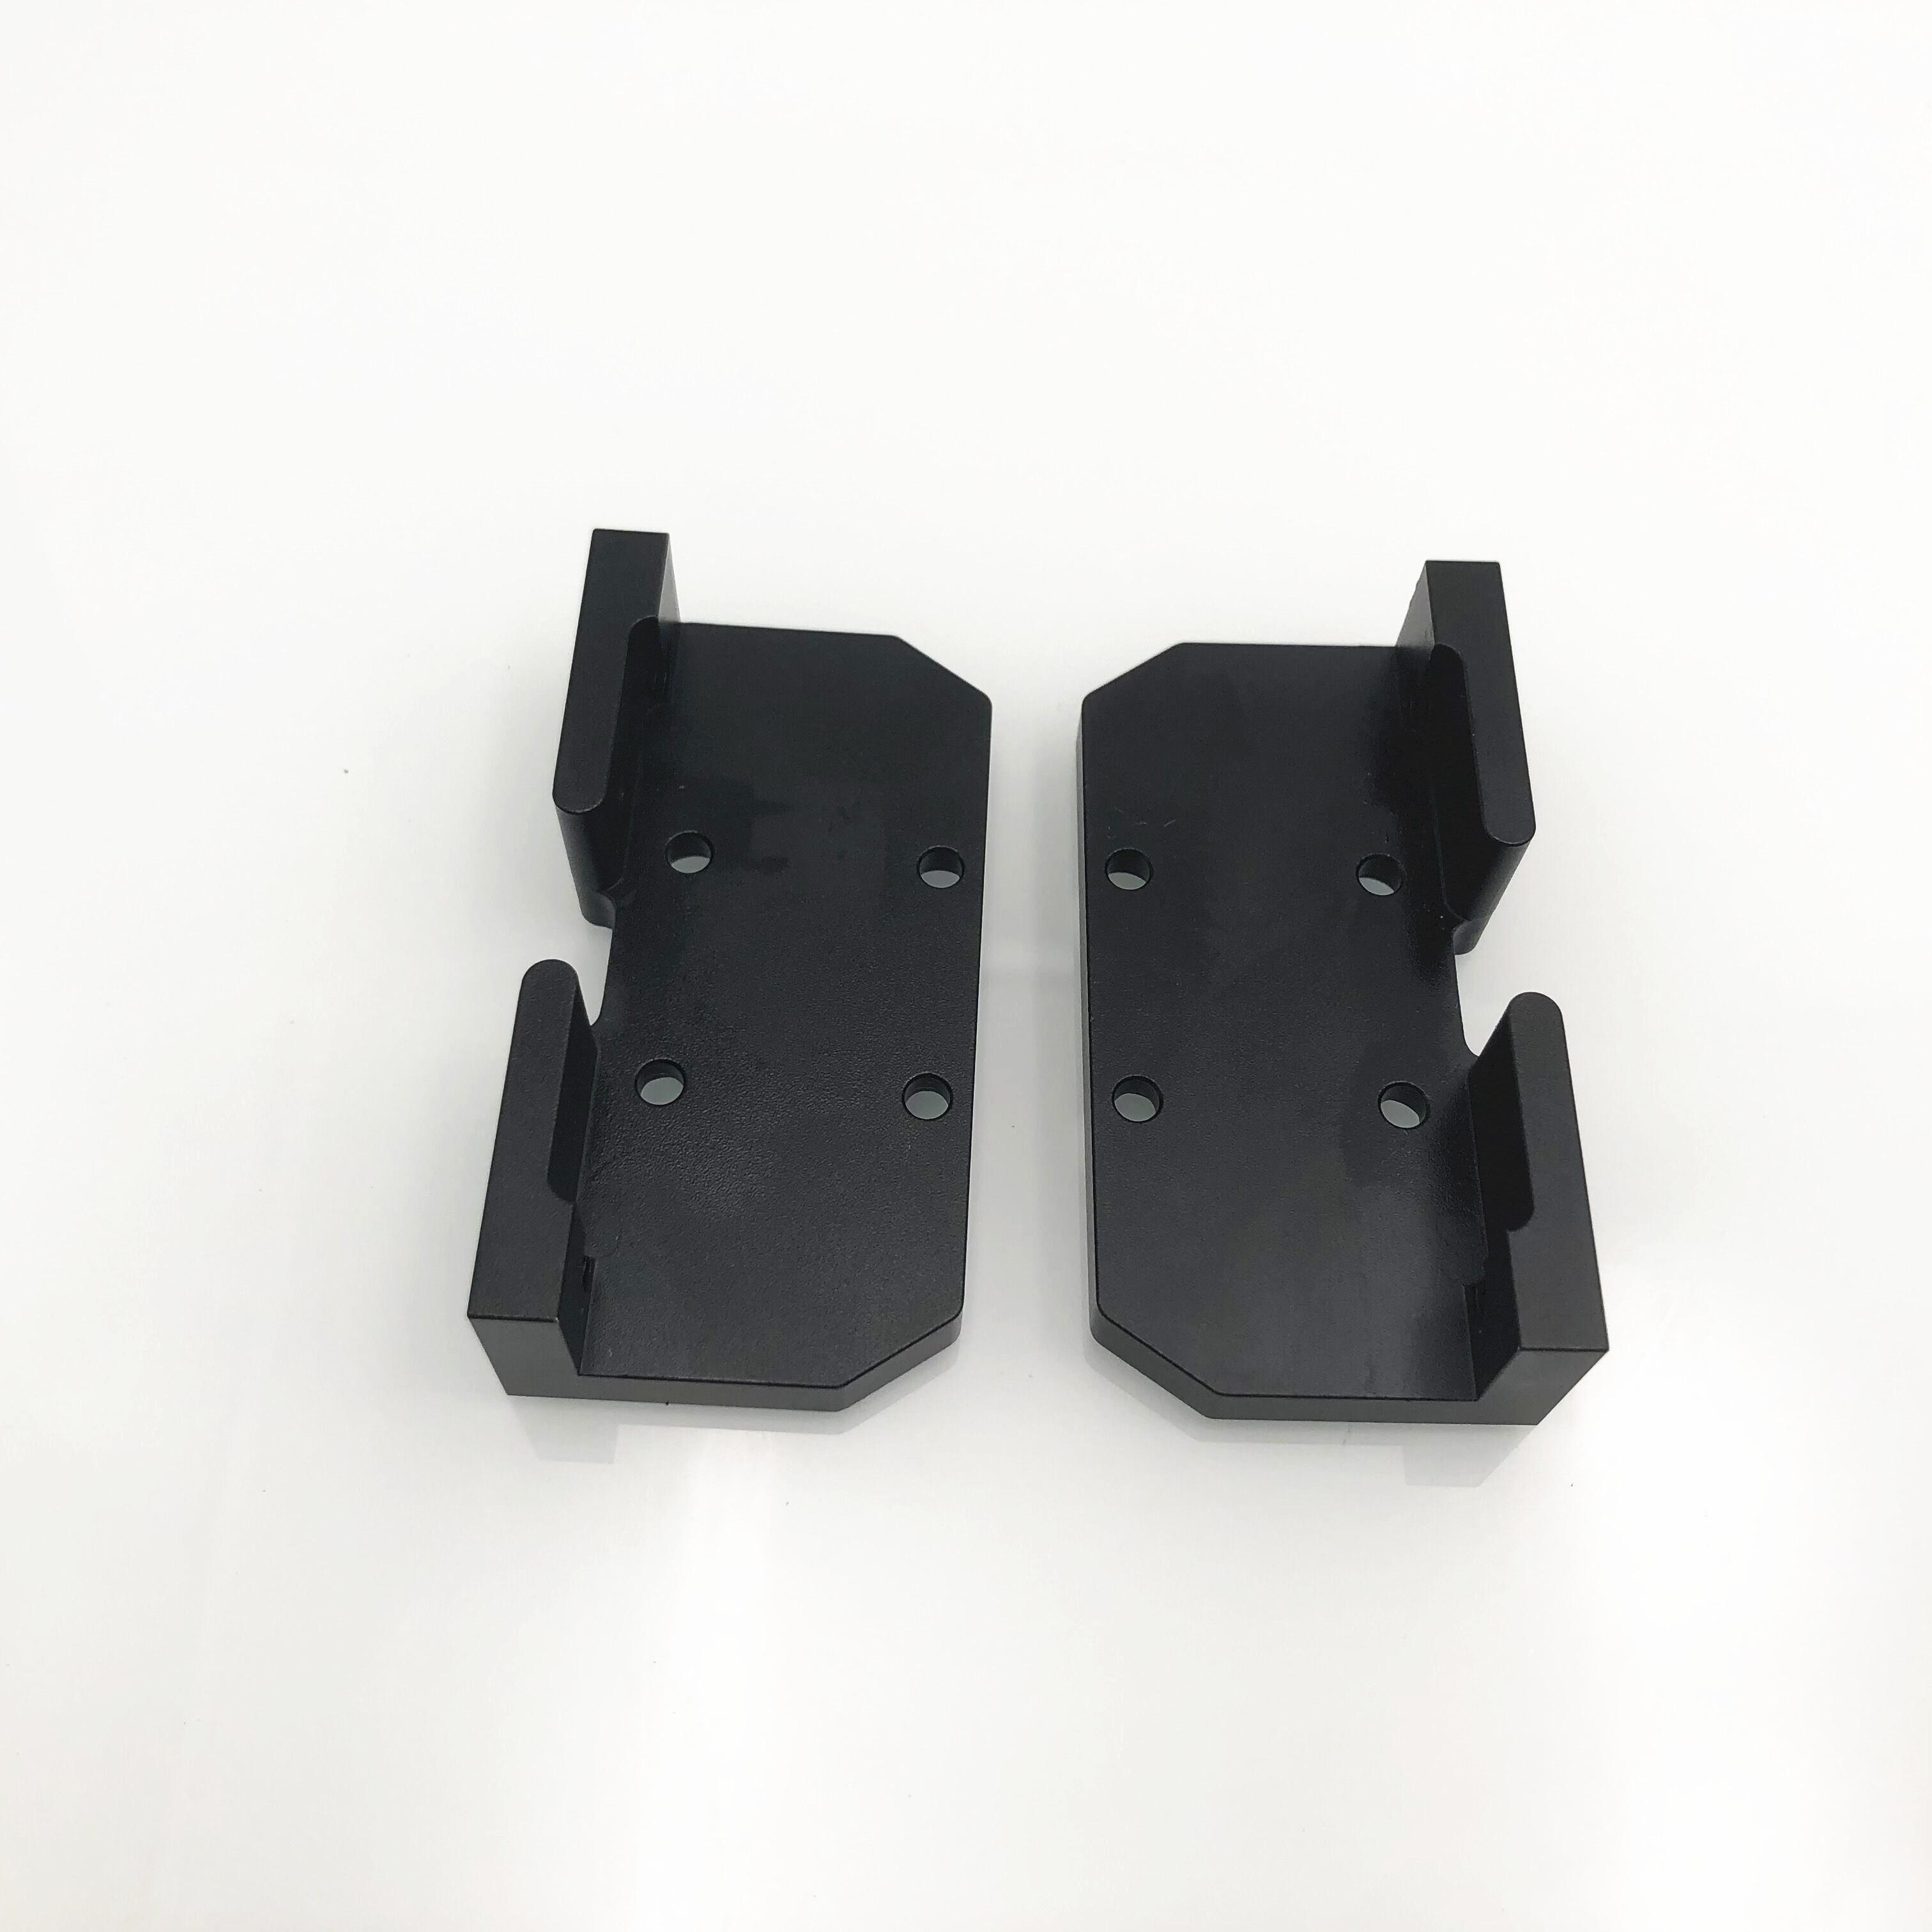 Funssor 1set Creality Ender 5 /Ender5 Pro Plus eje Y MGN12H riel lineal actualización mod para Ender-5 piezas de impresora Pro 3D